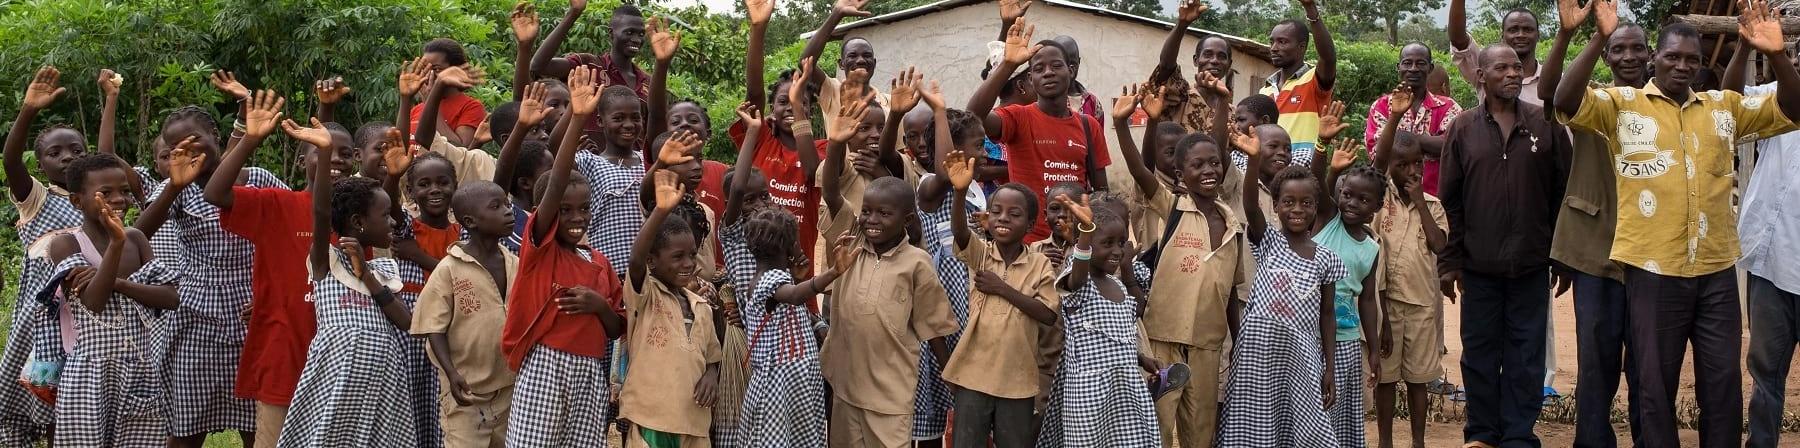 Comunita del cacao Ivoriana di bambini e adulti posa per una foto di gruppo davanti ad alcune case del villaggio